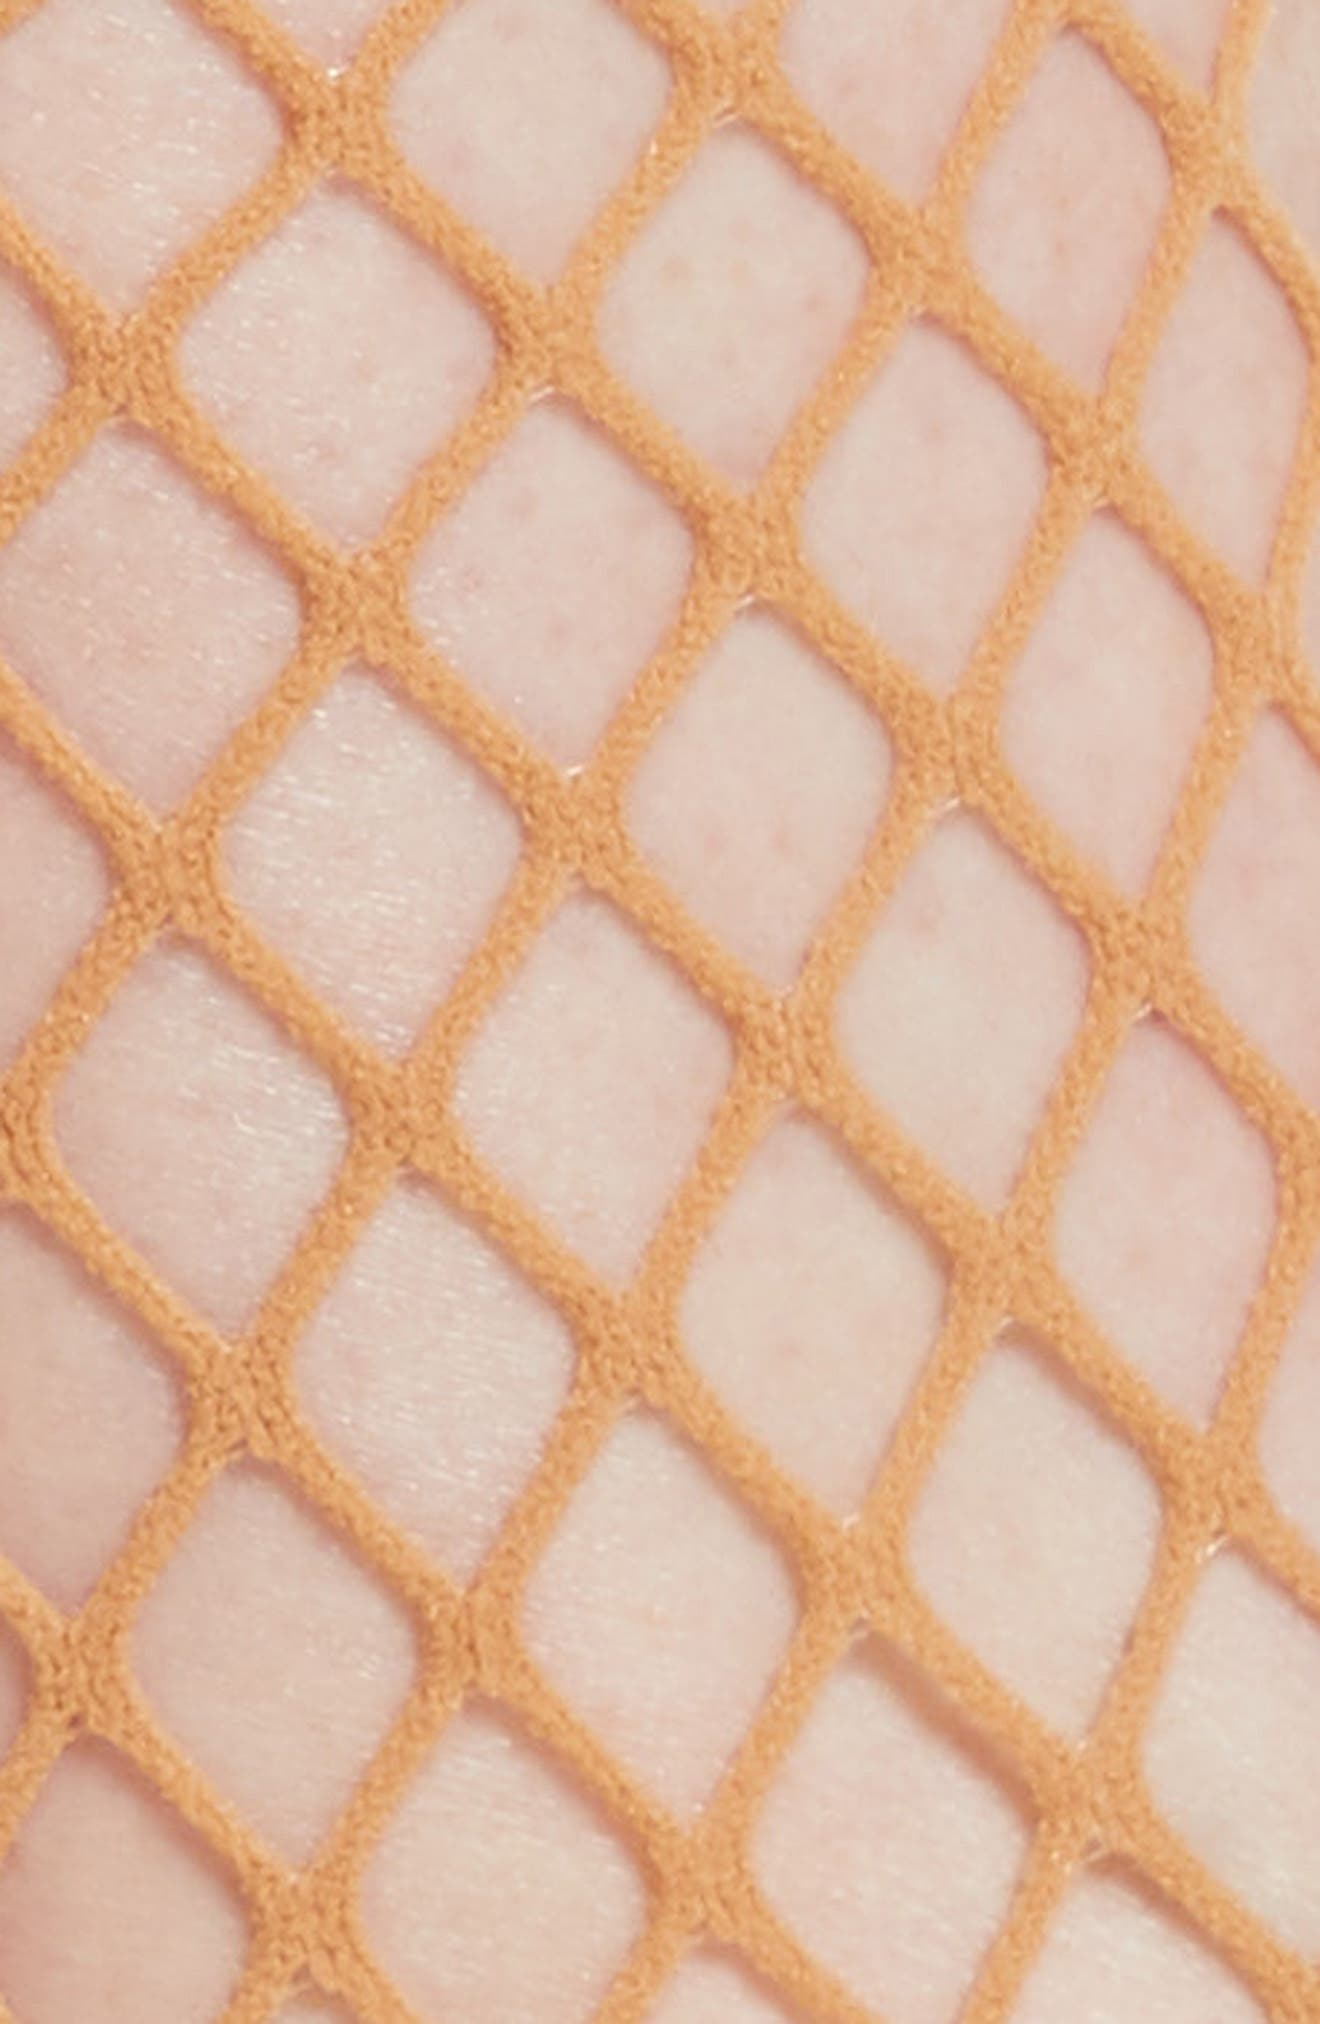 Tina Summer Net Ankle Socks,                             Alternate thumbnail 2, color,                             Gobi